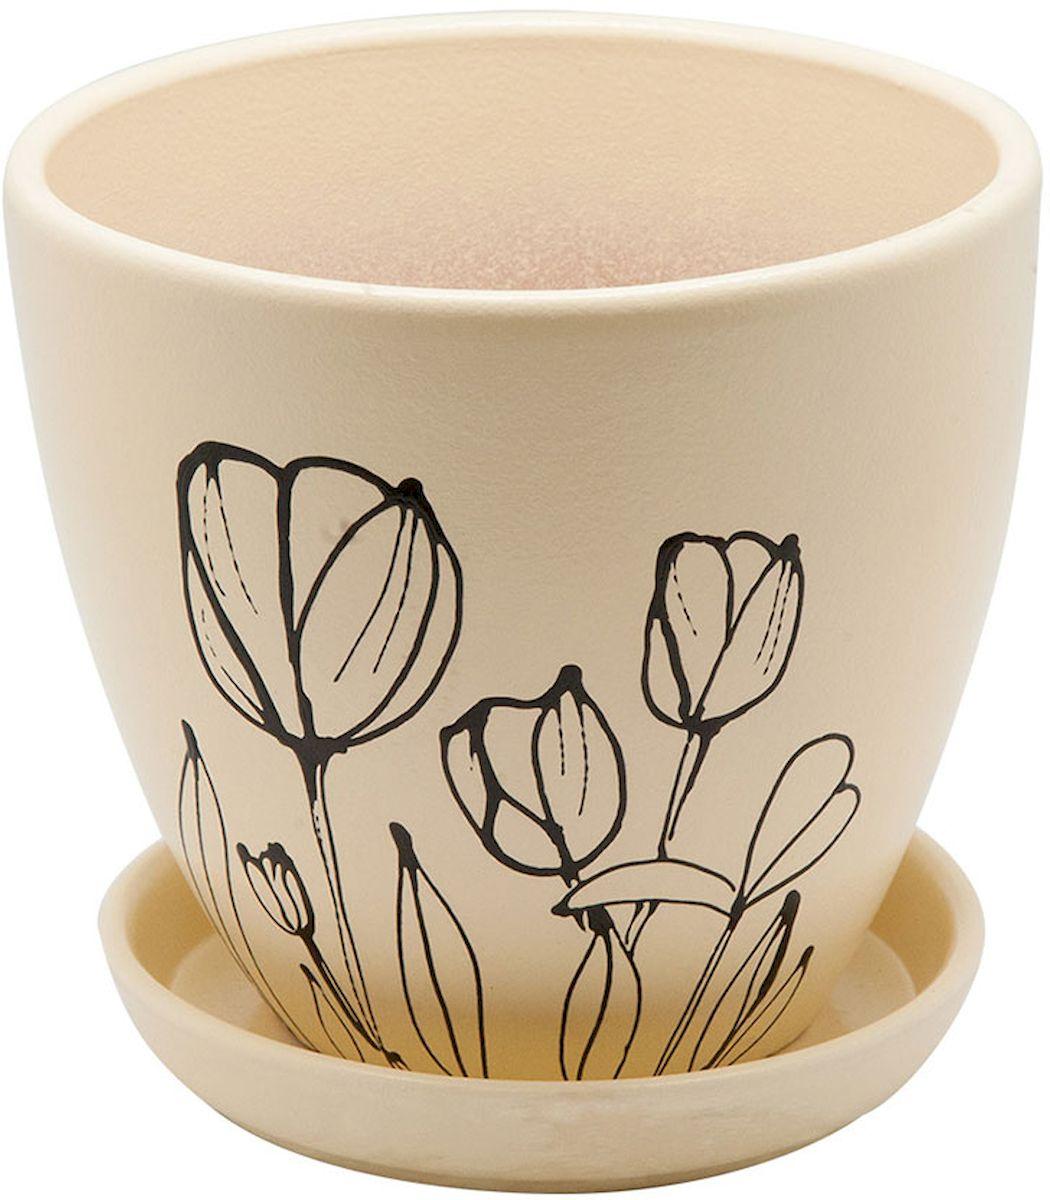 Горшок цветочный Engard, с поддоном, 1,4 л. BH-23-1531-105Керамический горшок - это идеальное решение для выращивания комнатных растений и создания изысканности в интерьере. Керамический горшок сделан из высококачественной глины в классической форме и оригинальном дизайне.